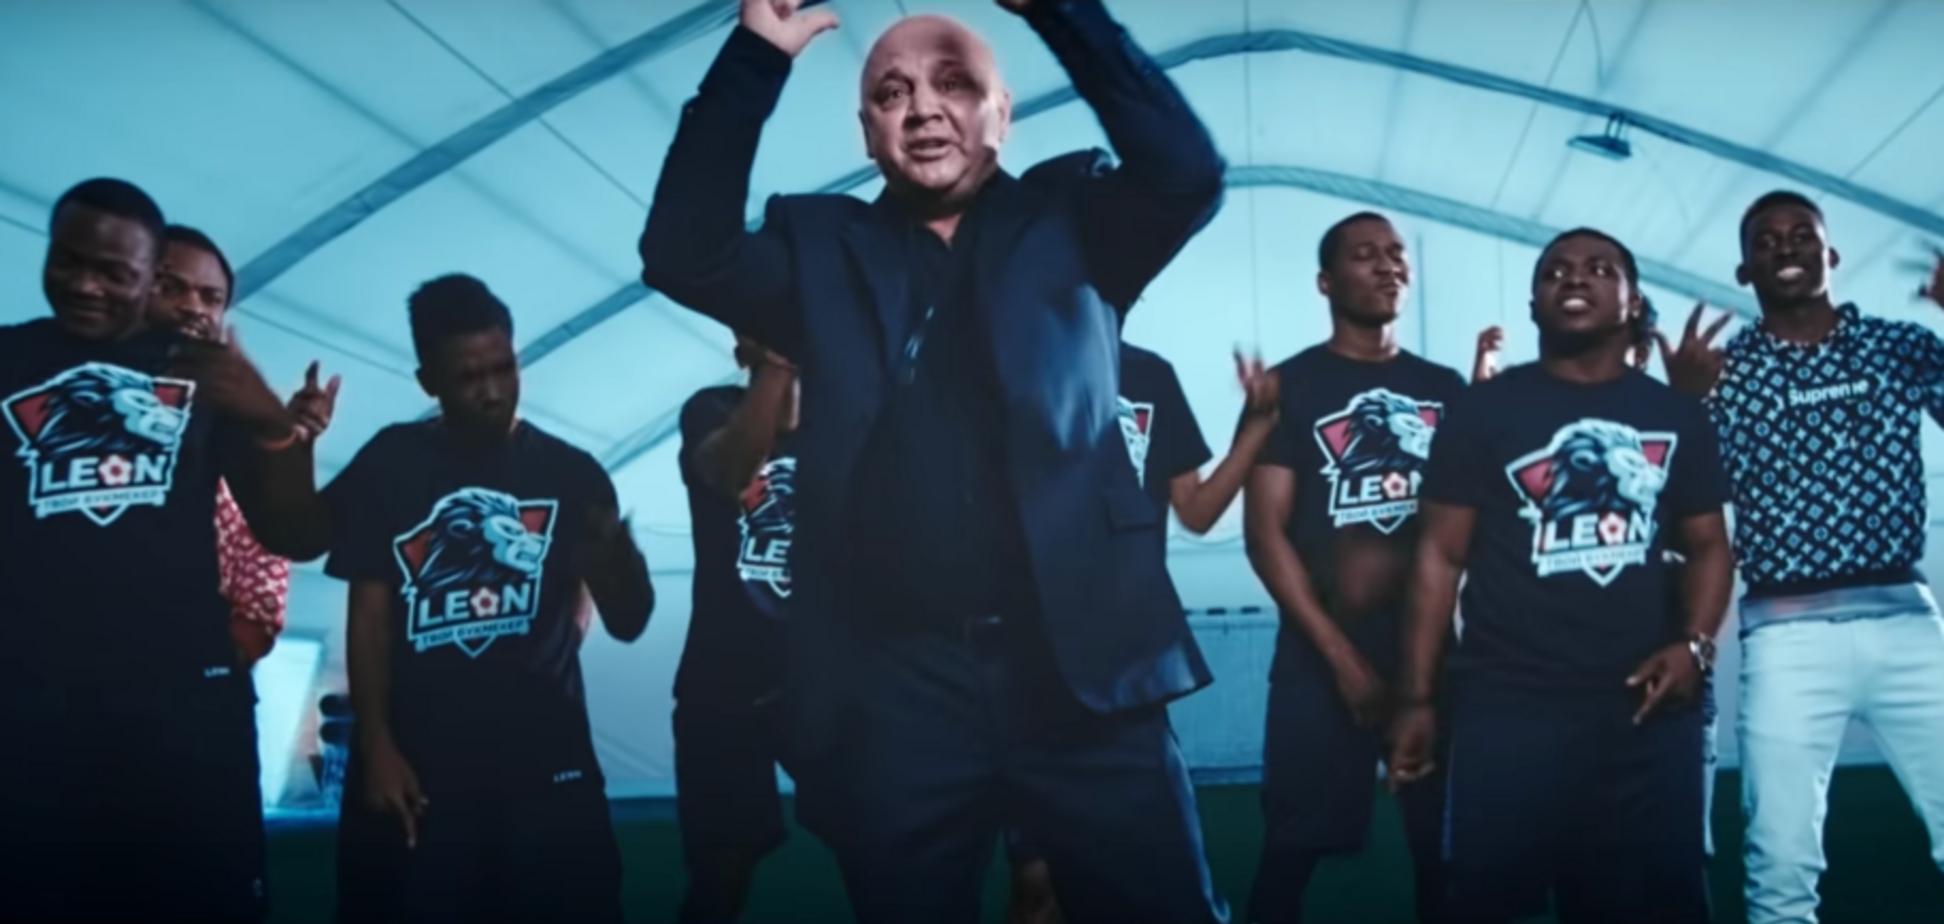 Одиозный украинский тренер поразил расистским ремейком на хит Киркорова: видеоклип